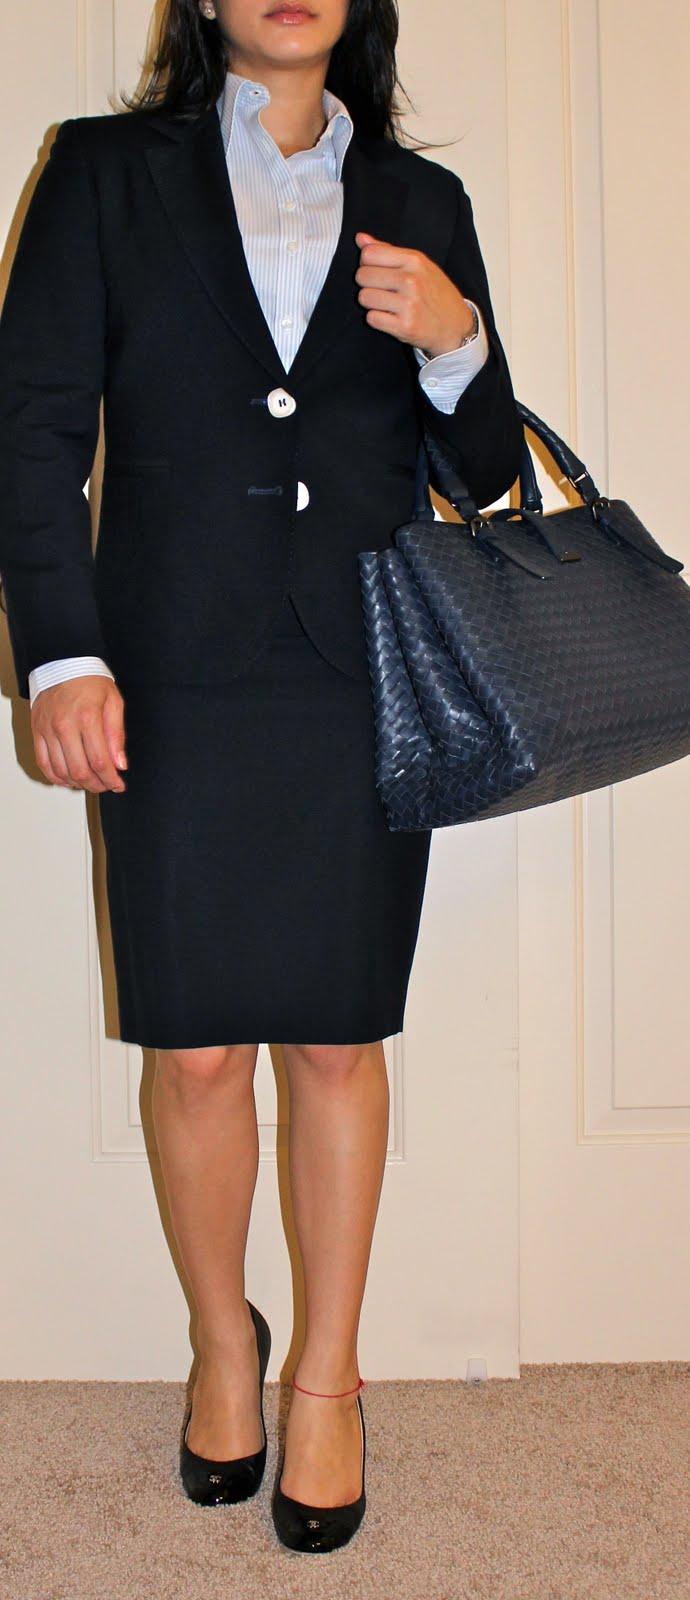 Petite career blogger in custom suit